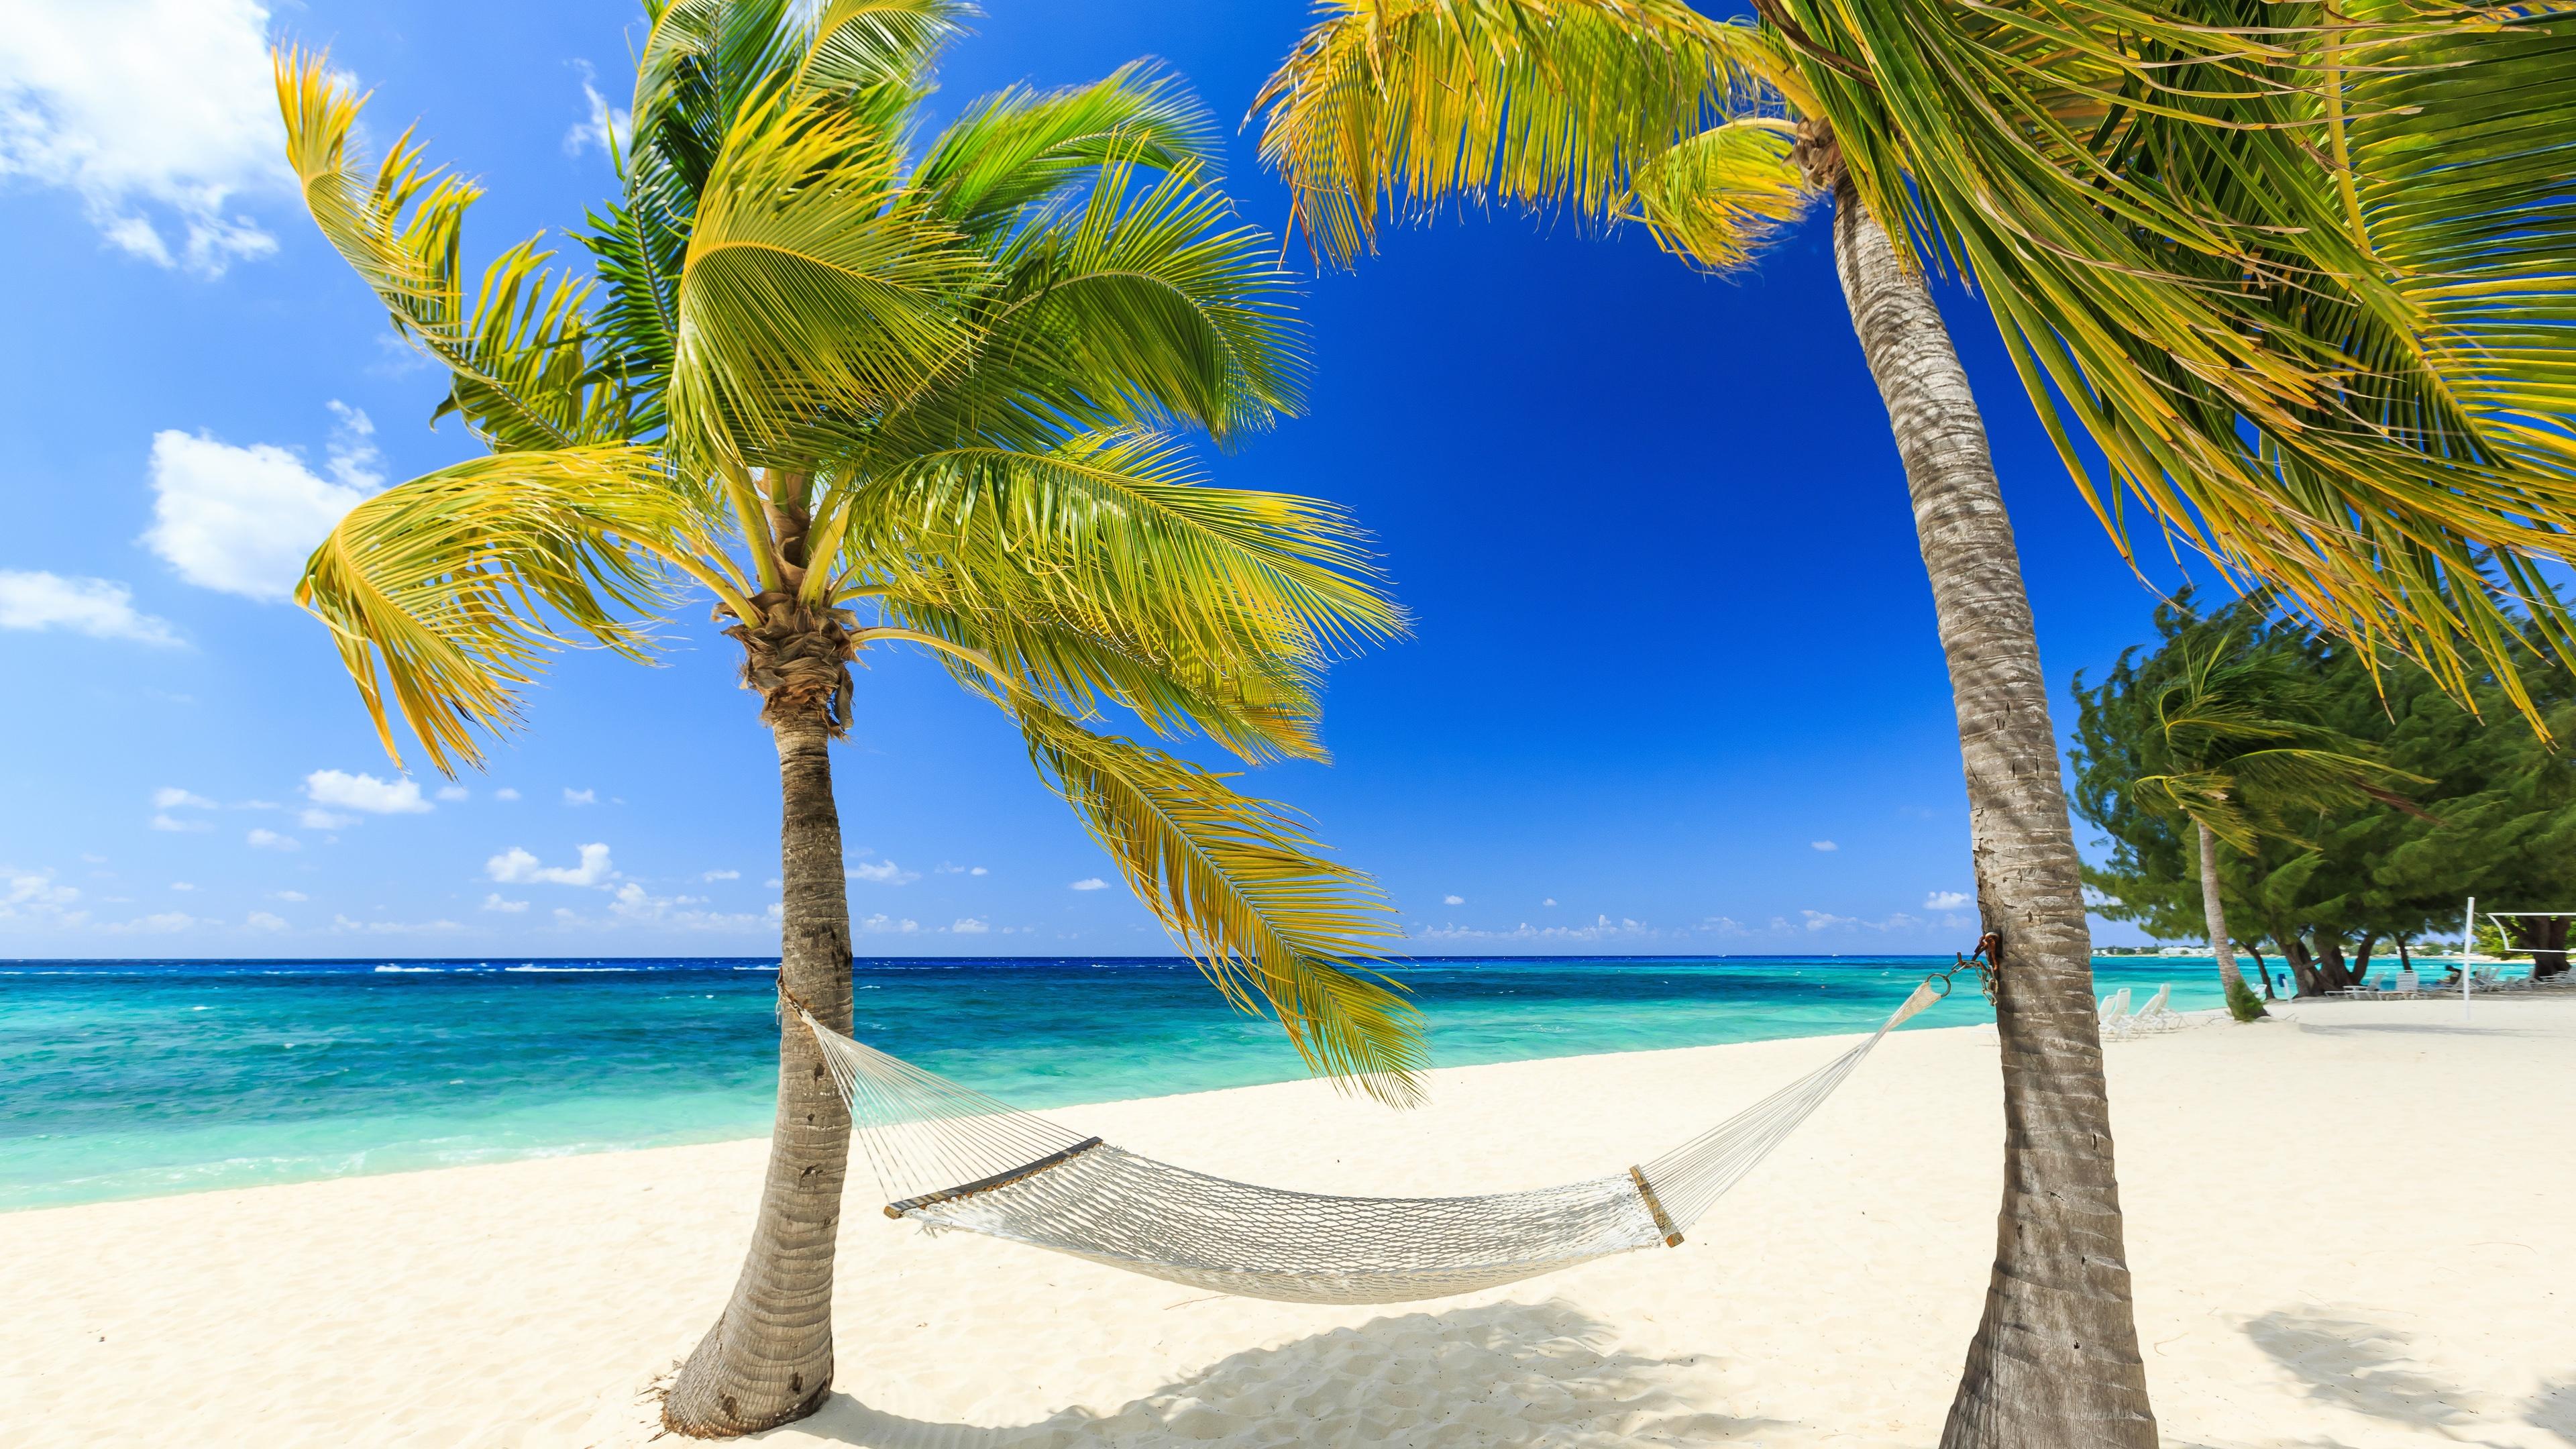 Fonds d'écran Tropical, paradis, mer, plage, palmiers, hamac, été 3840x2160 UHD 4K image